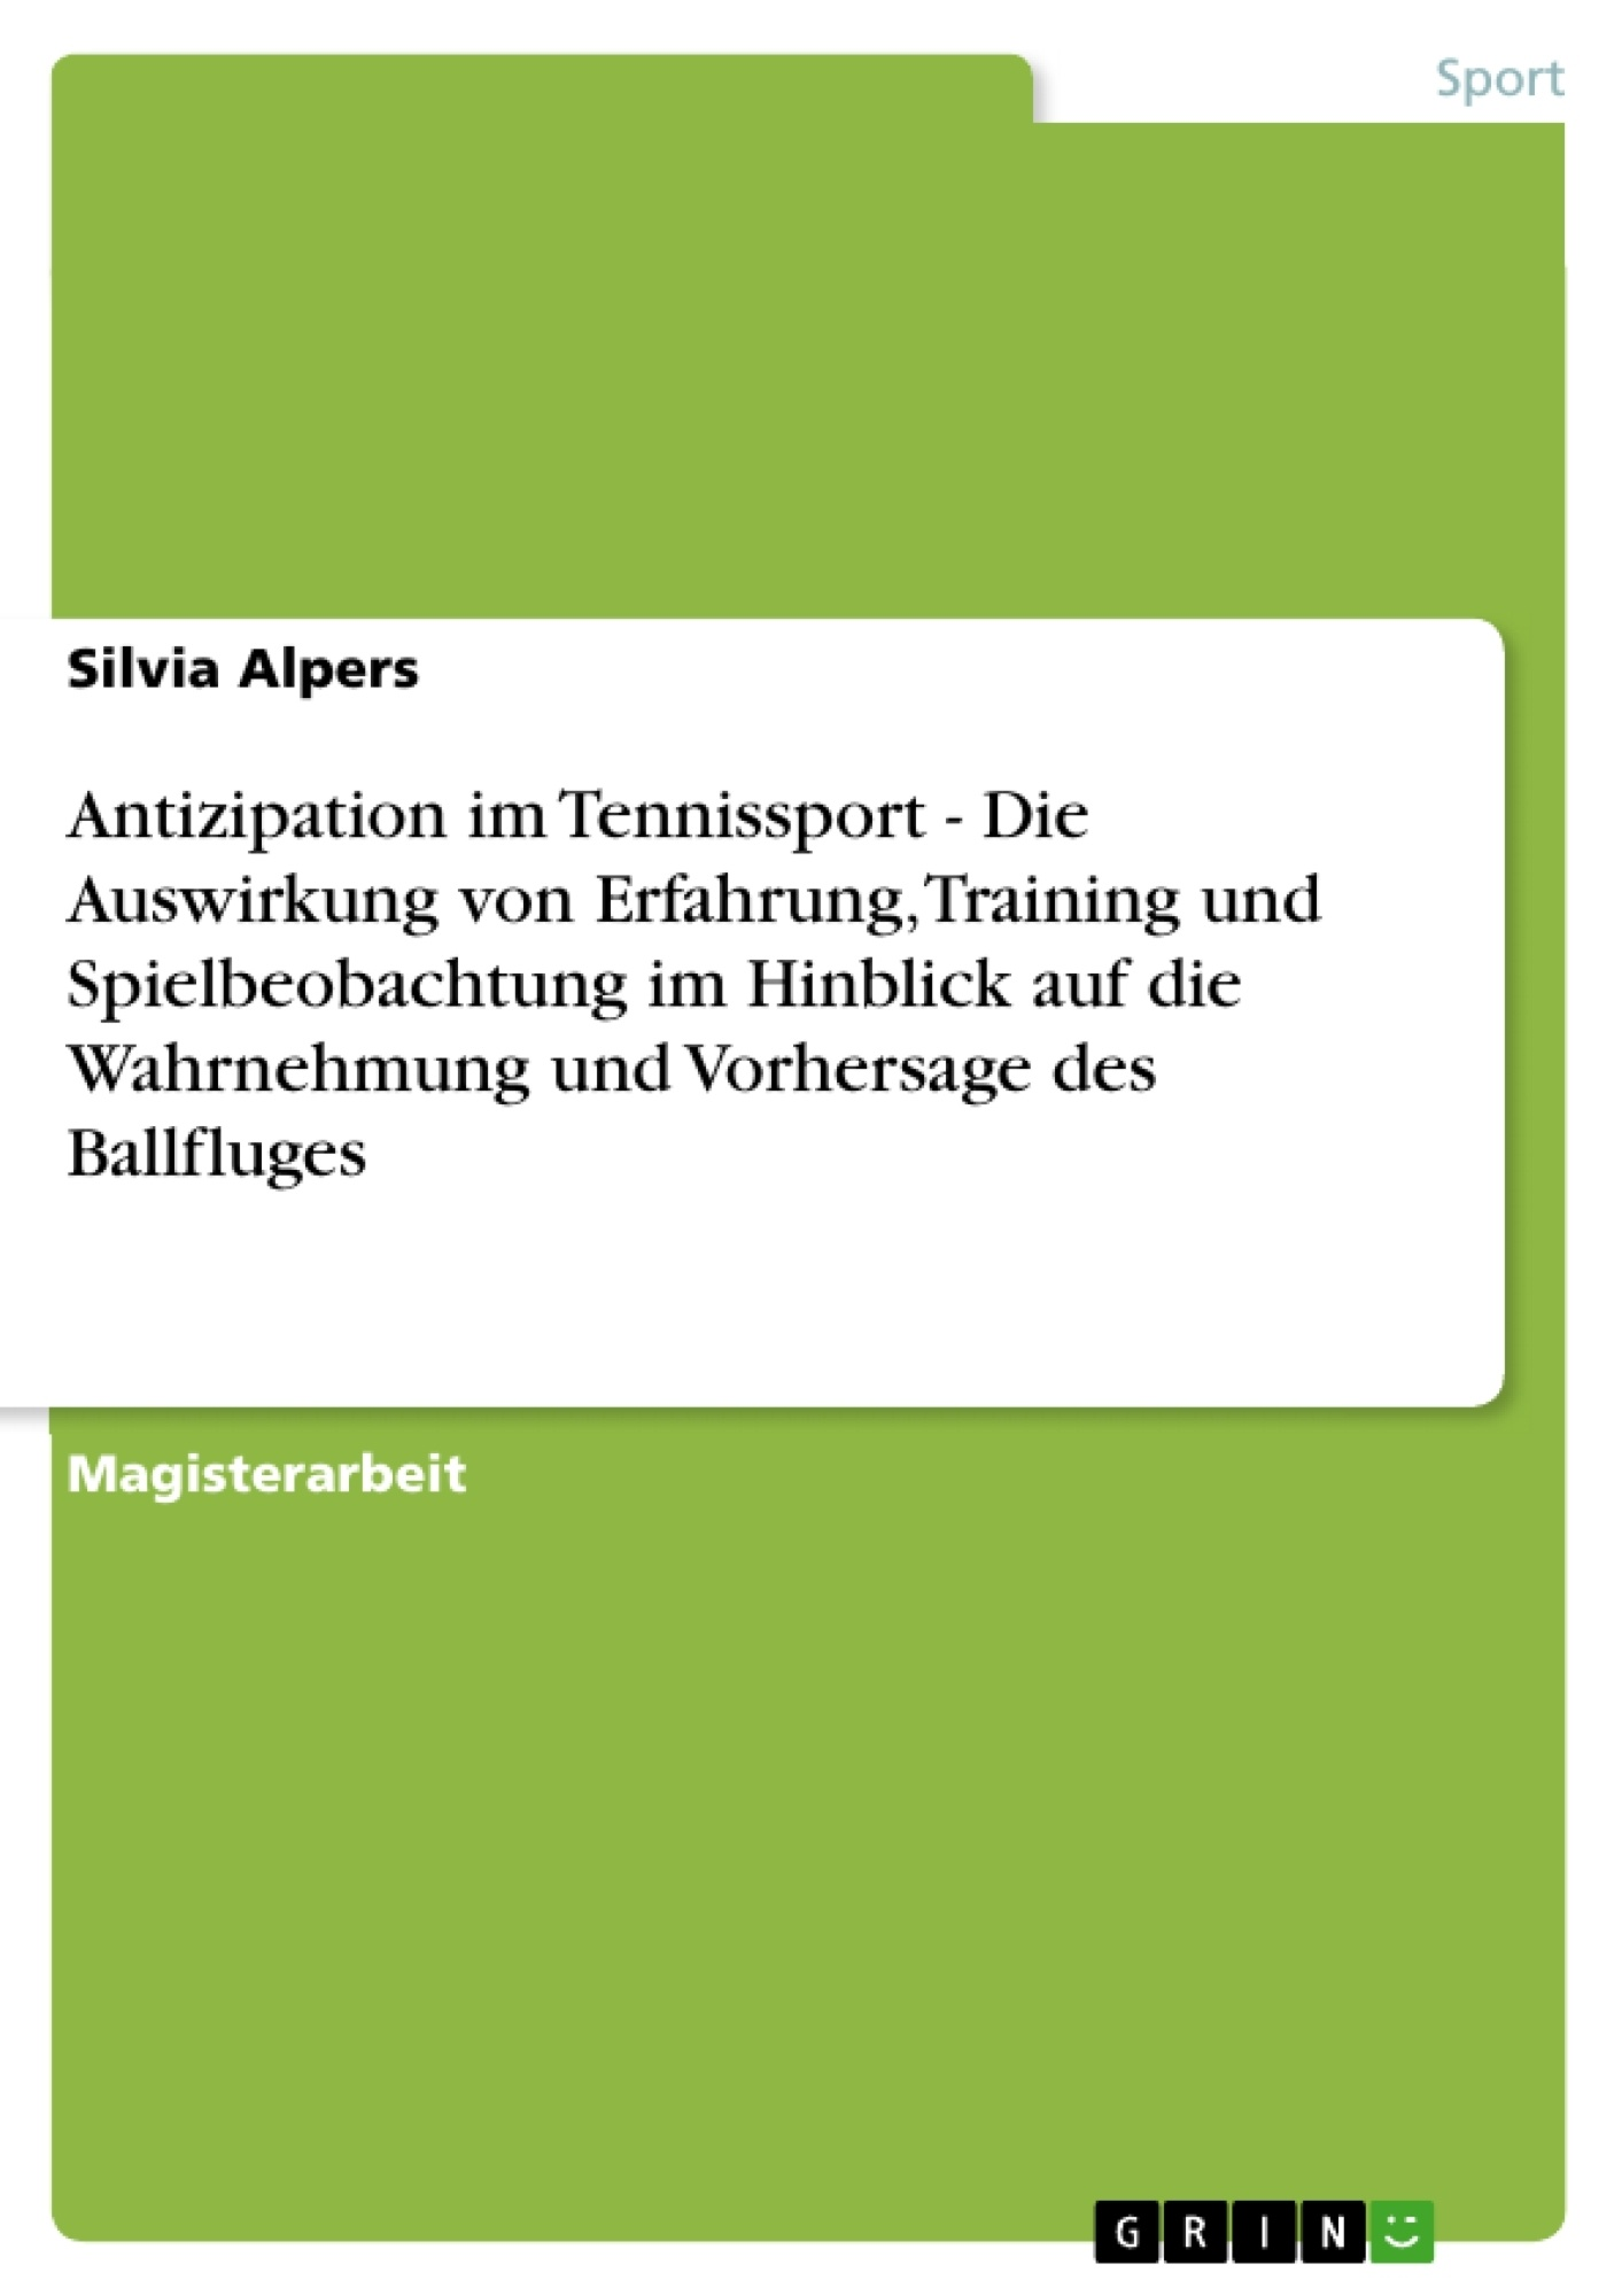 Titel: Antizipation im Tennissport - Die Auswirkung von Erfahrung, Training und Spielbeobachtung im Hinblick auf die Wahrnehmung und Vorhersage des Ballfluges